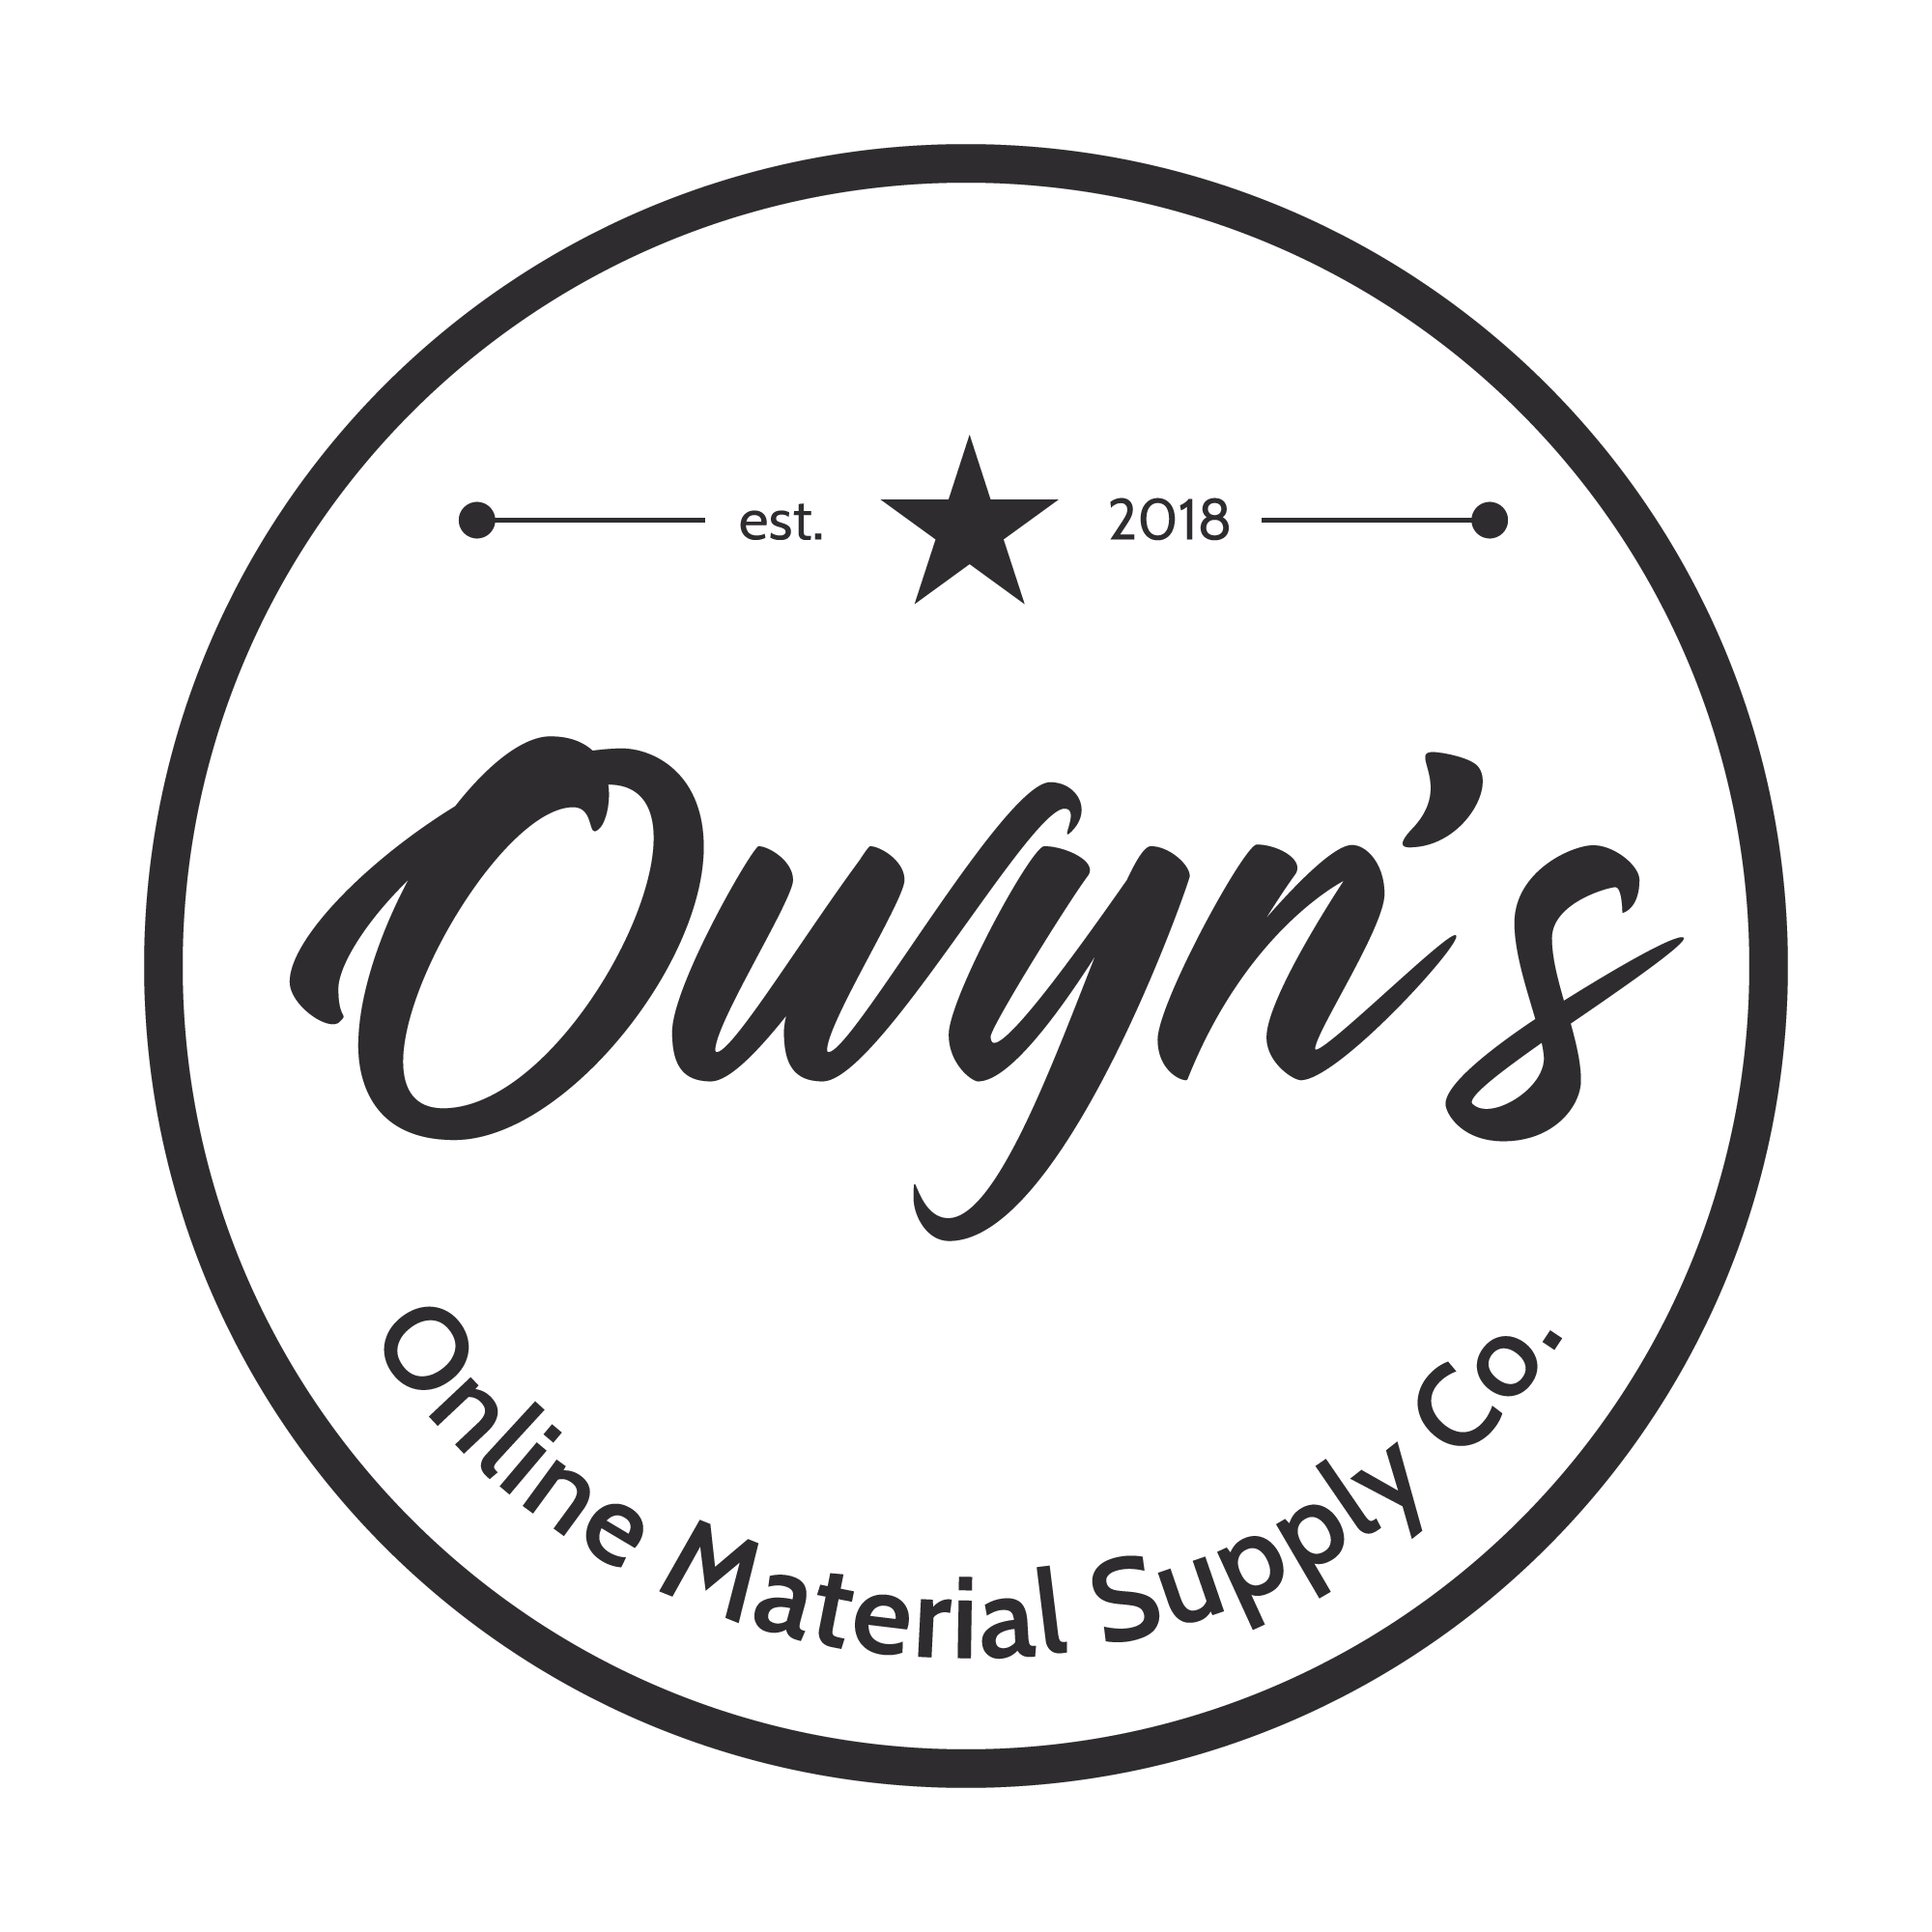 Owyn's Logo